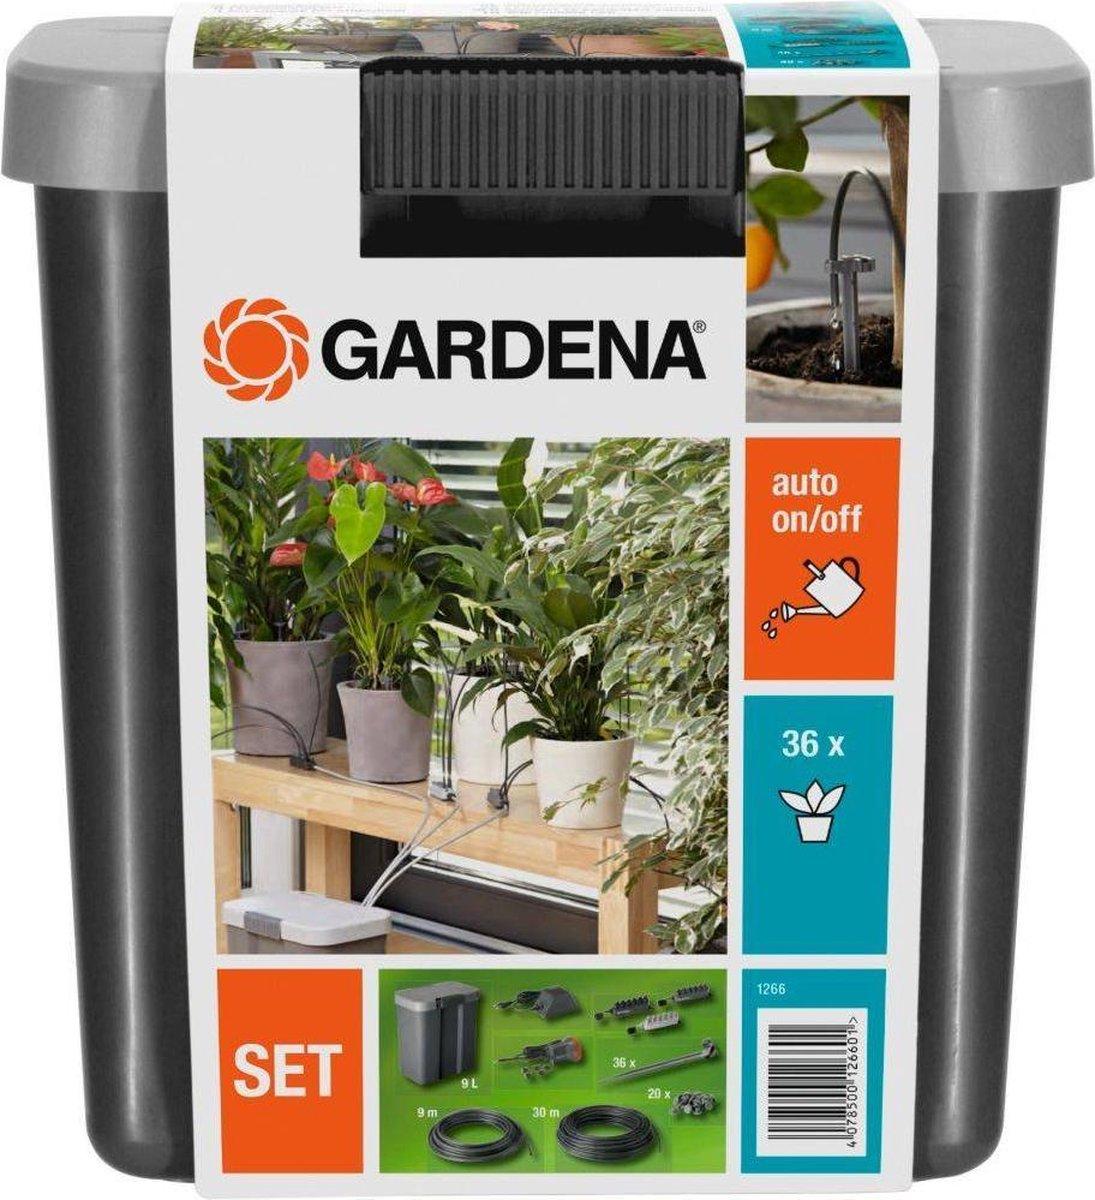 GARDENA Vakantiebewateringsset Duppelsysteem - Geschikt Voor 36 Potplanten - Incl. 9l Vat